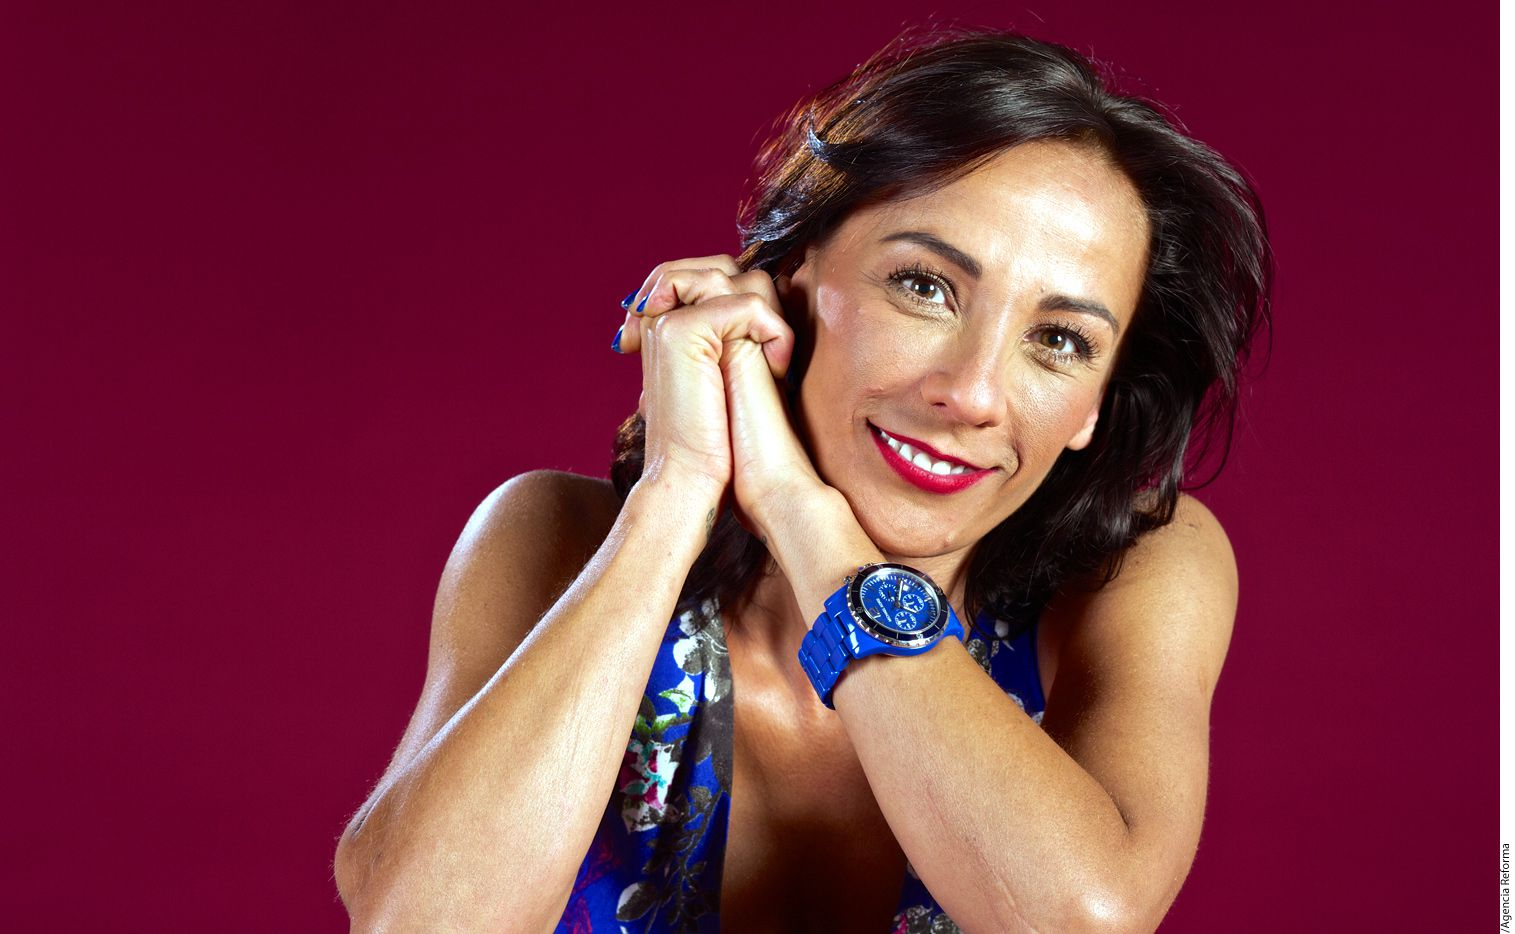 Consuelo Duval, intérprete de personajes de la barra cómica de Televisa, salió de la empresa a mediados de 2014, tras 25 años de pertenecer a la galería de actores de ese lugar./AGENCIA REFORMA